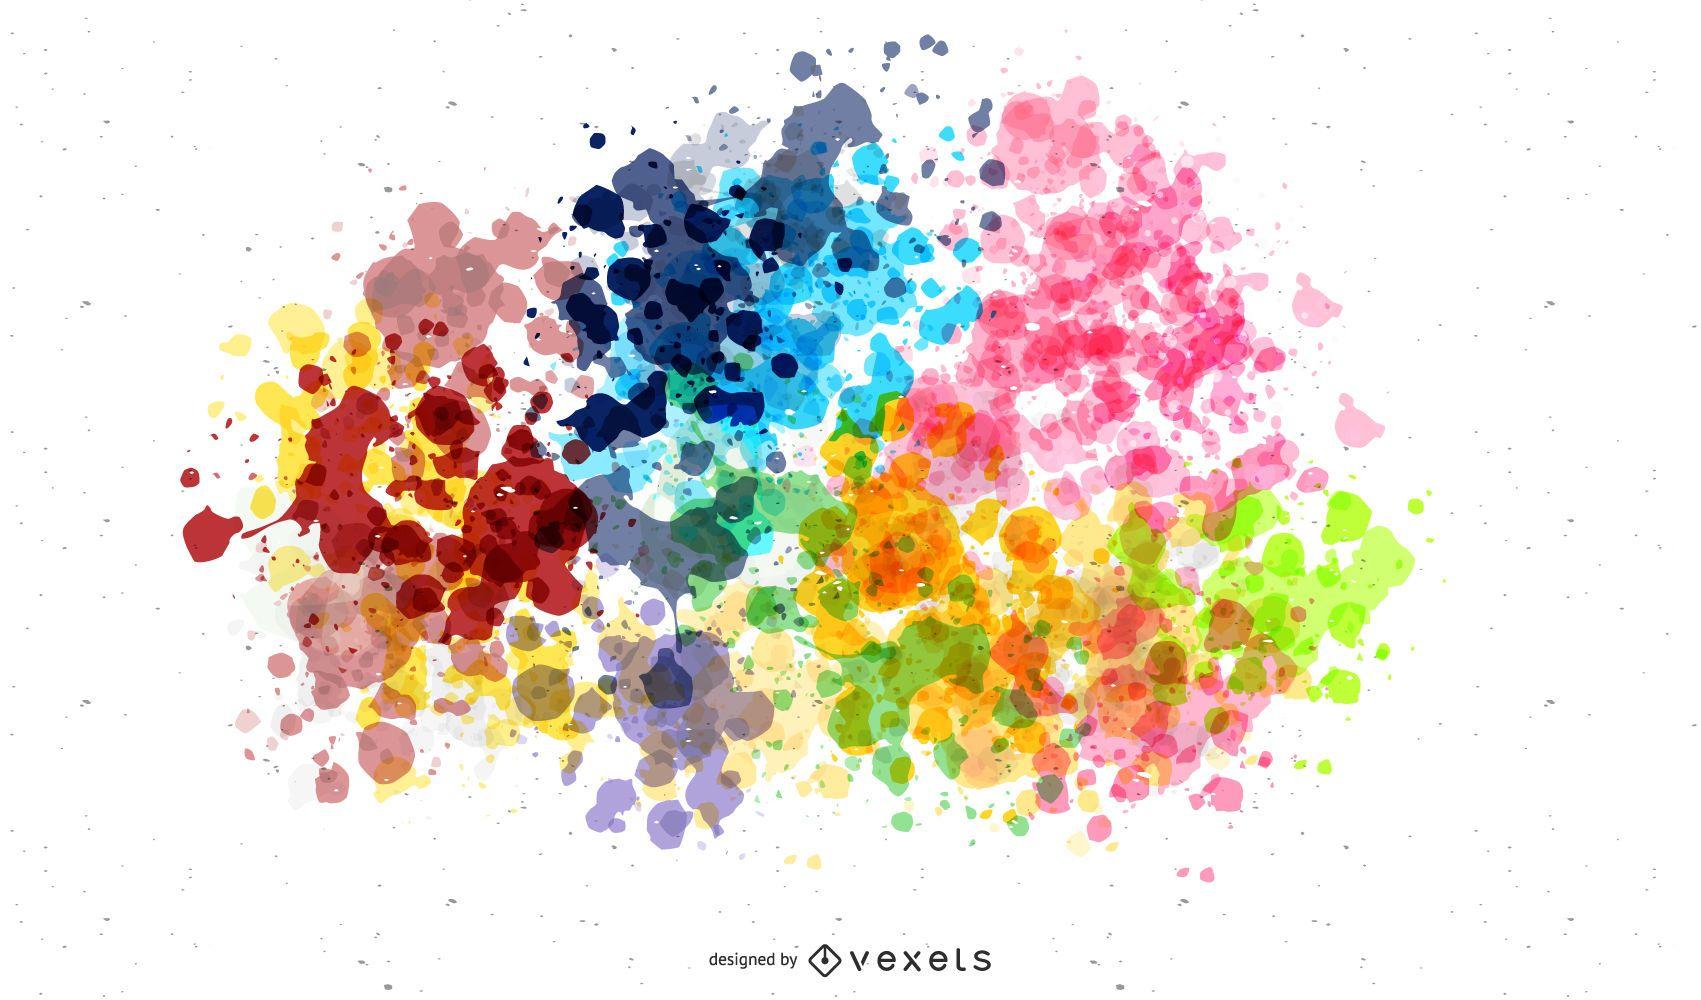 Colorful Paint Splats